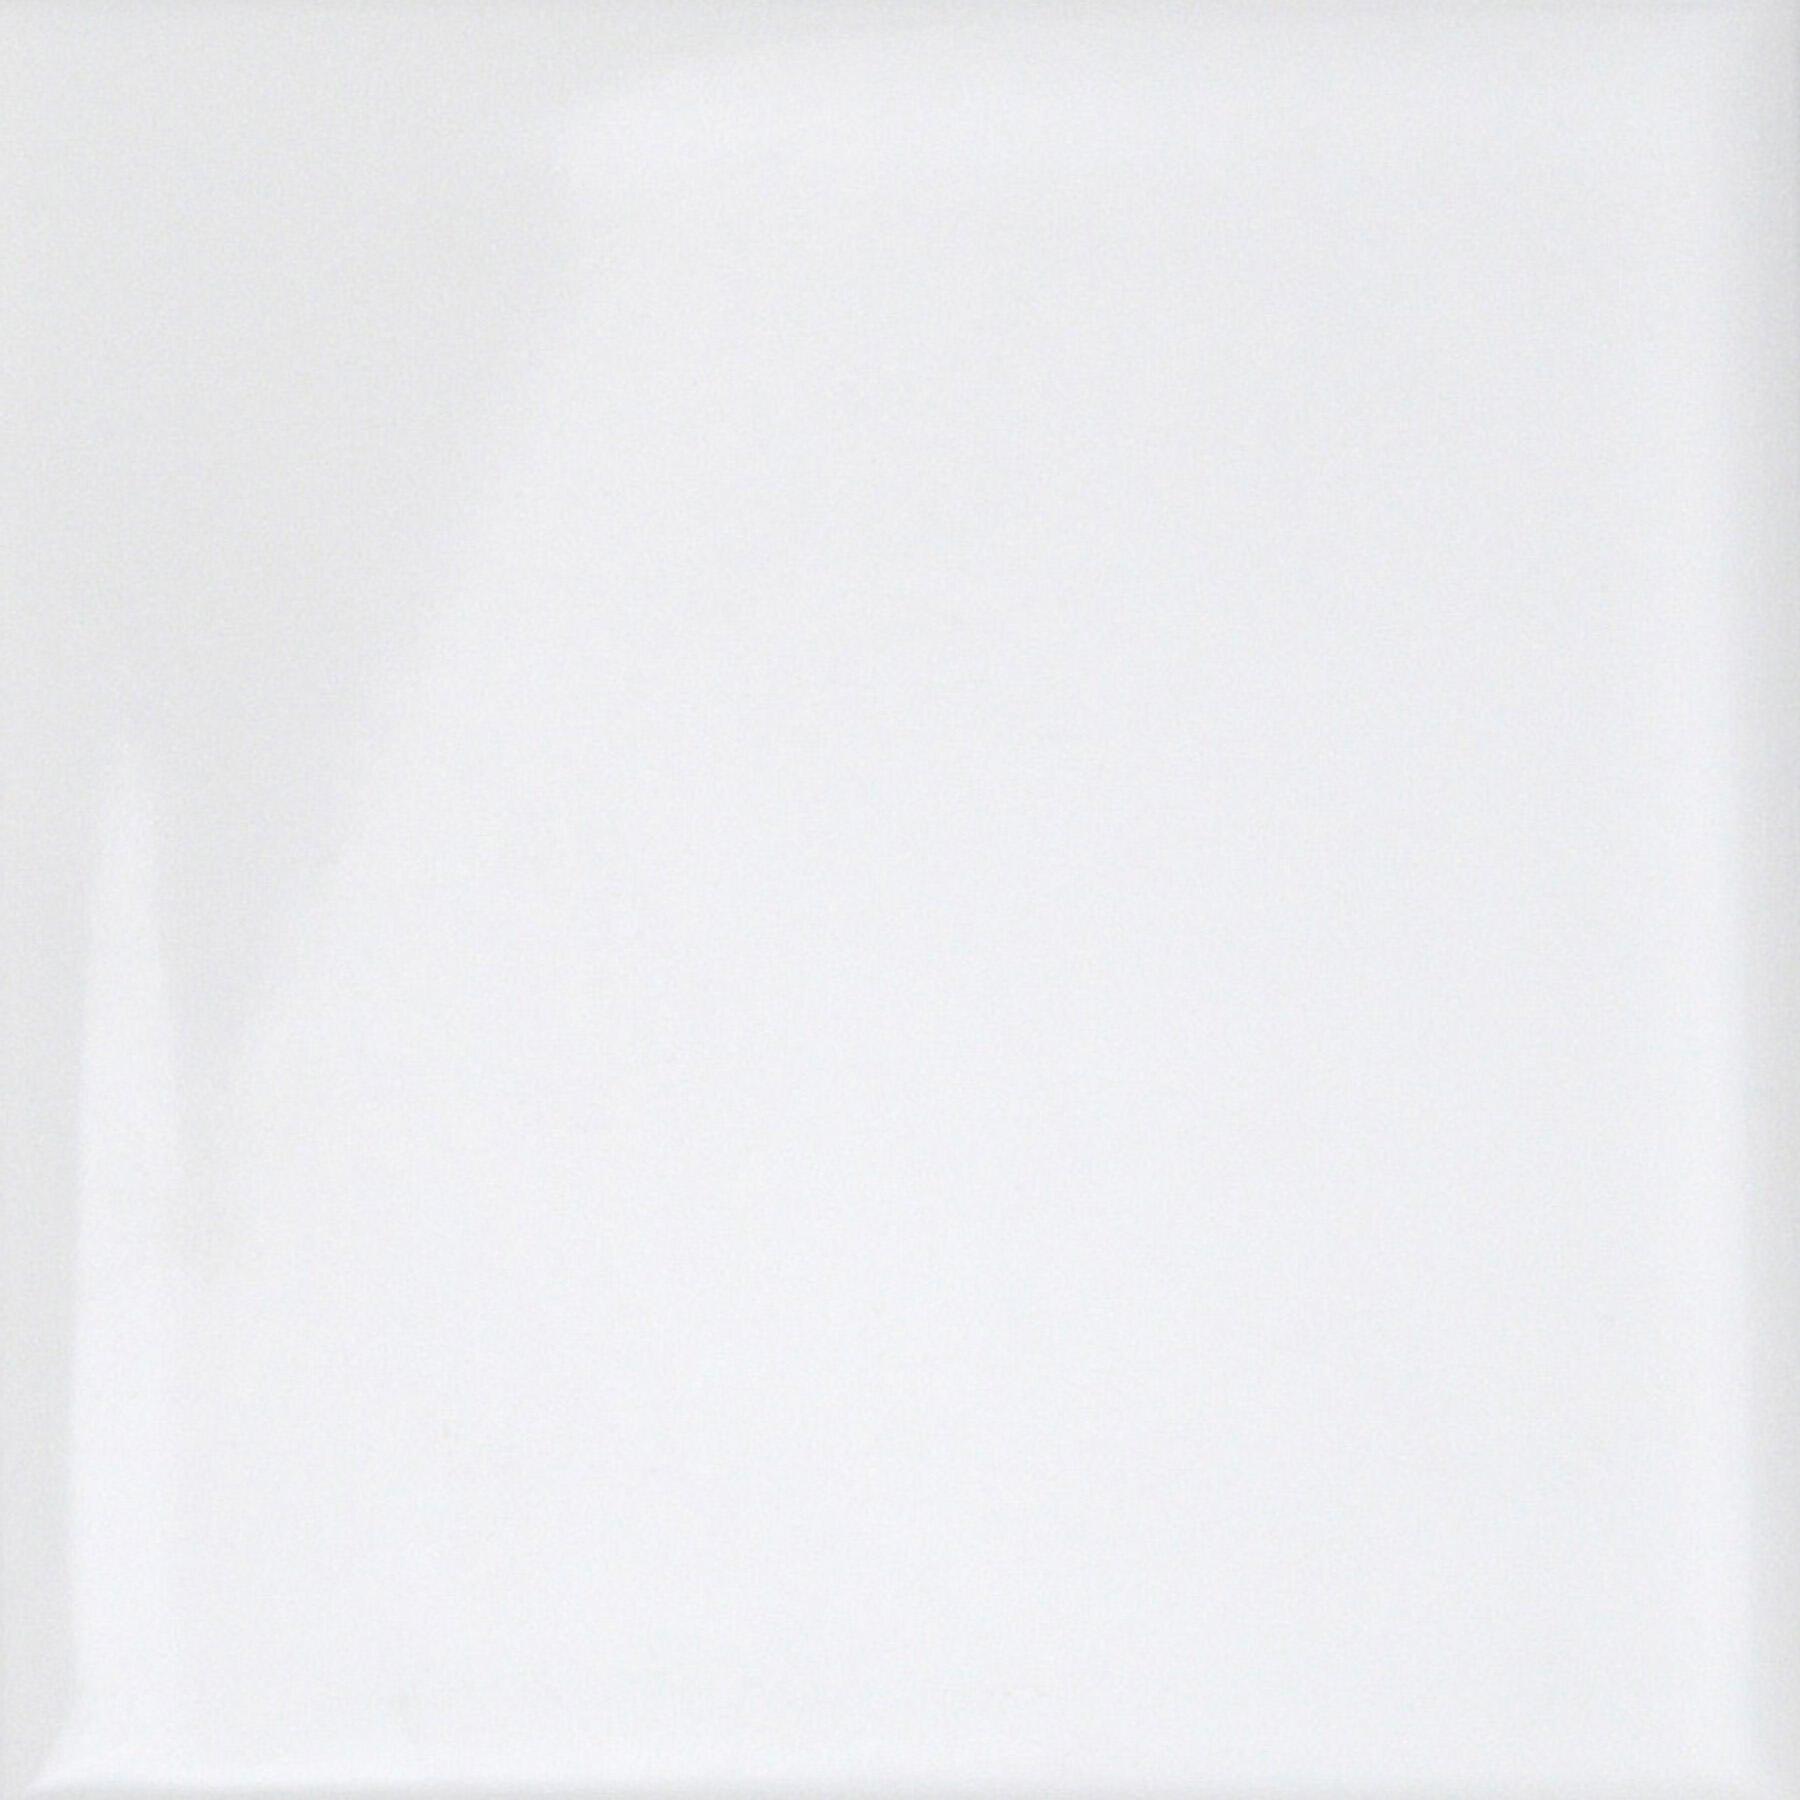 Piastrella per rivestimenti Brillant 15 x 15 cm sp. 6.5 mm bianco - 10